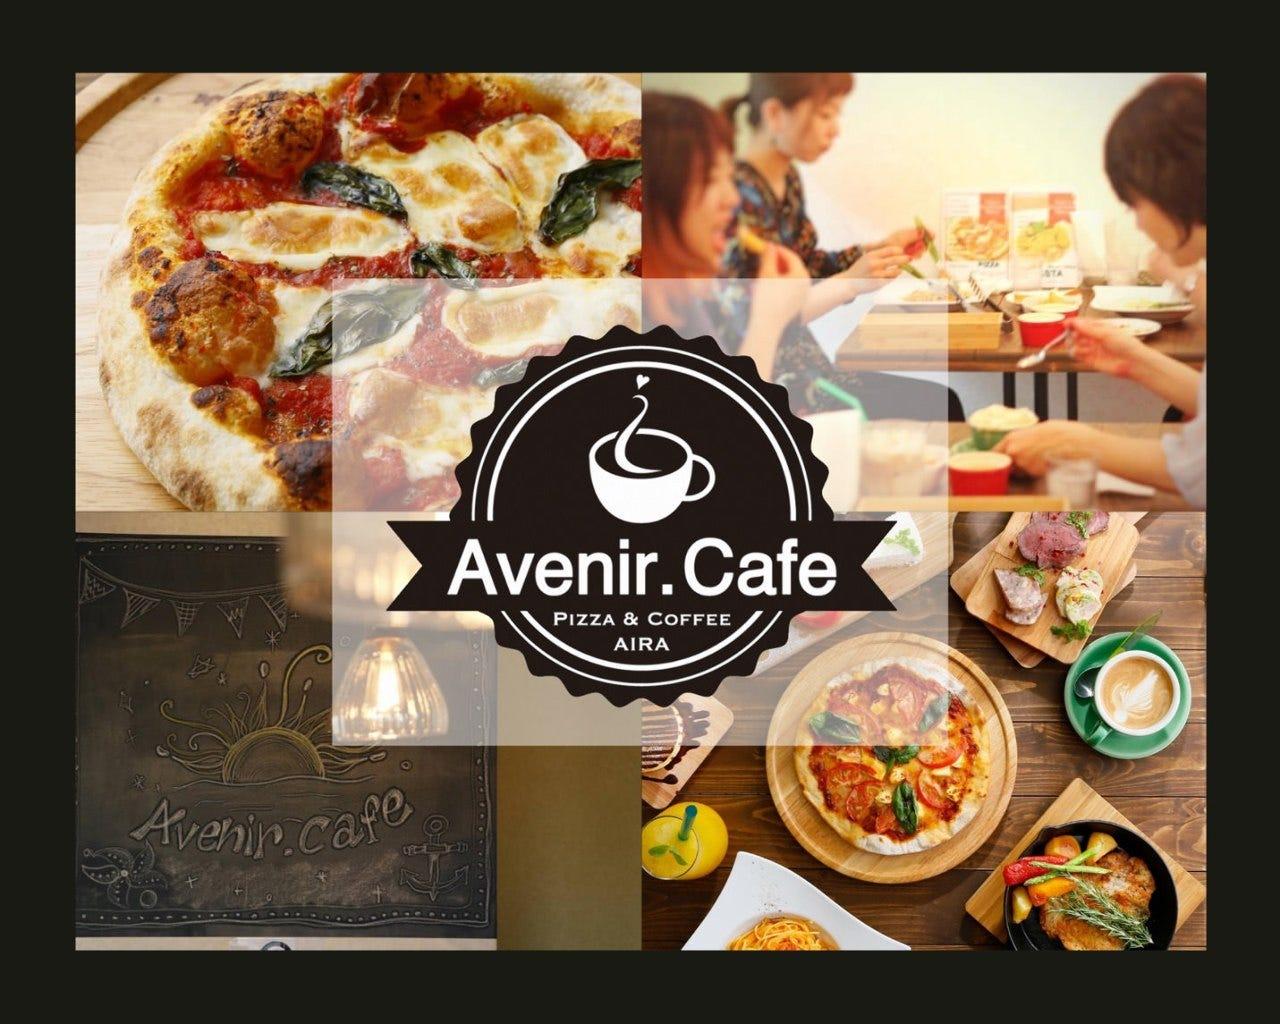 Avenir.Cafe(アヴニールカフェ)